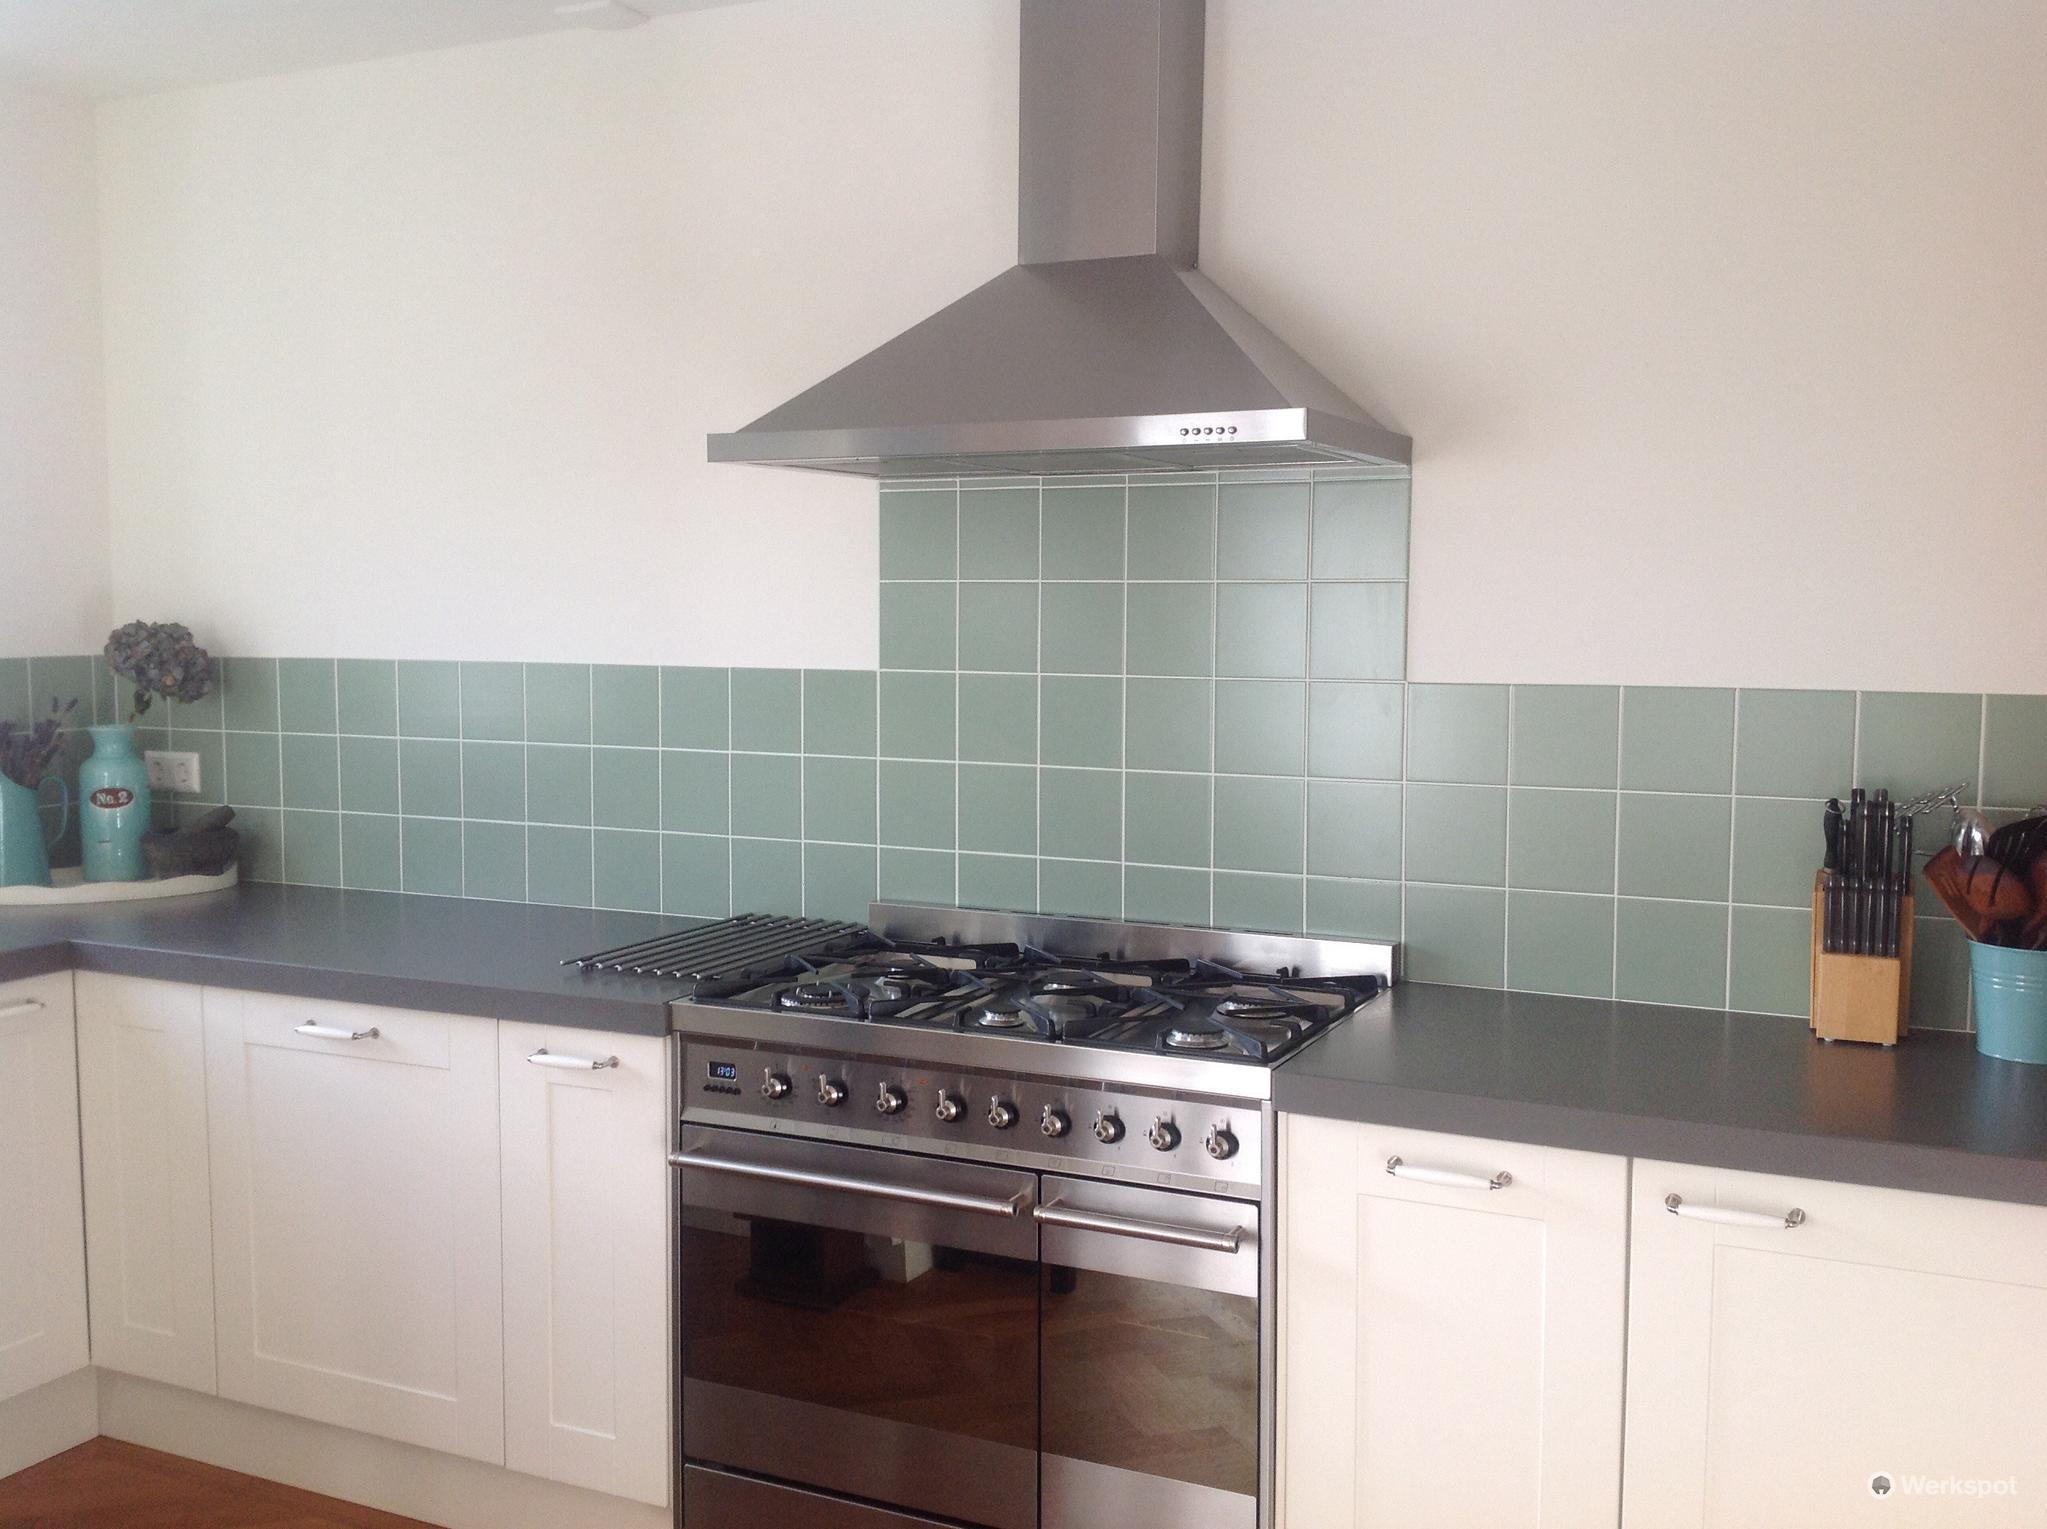 keuken tegels afkitten : Tegels Zetten Keuken 5m2 En Voegen Repareren En Tegel Plaatsen